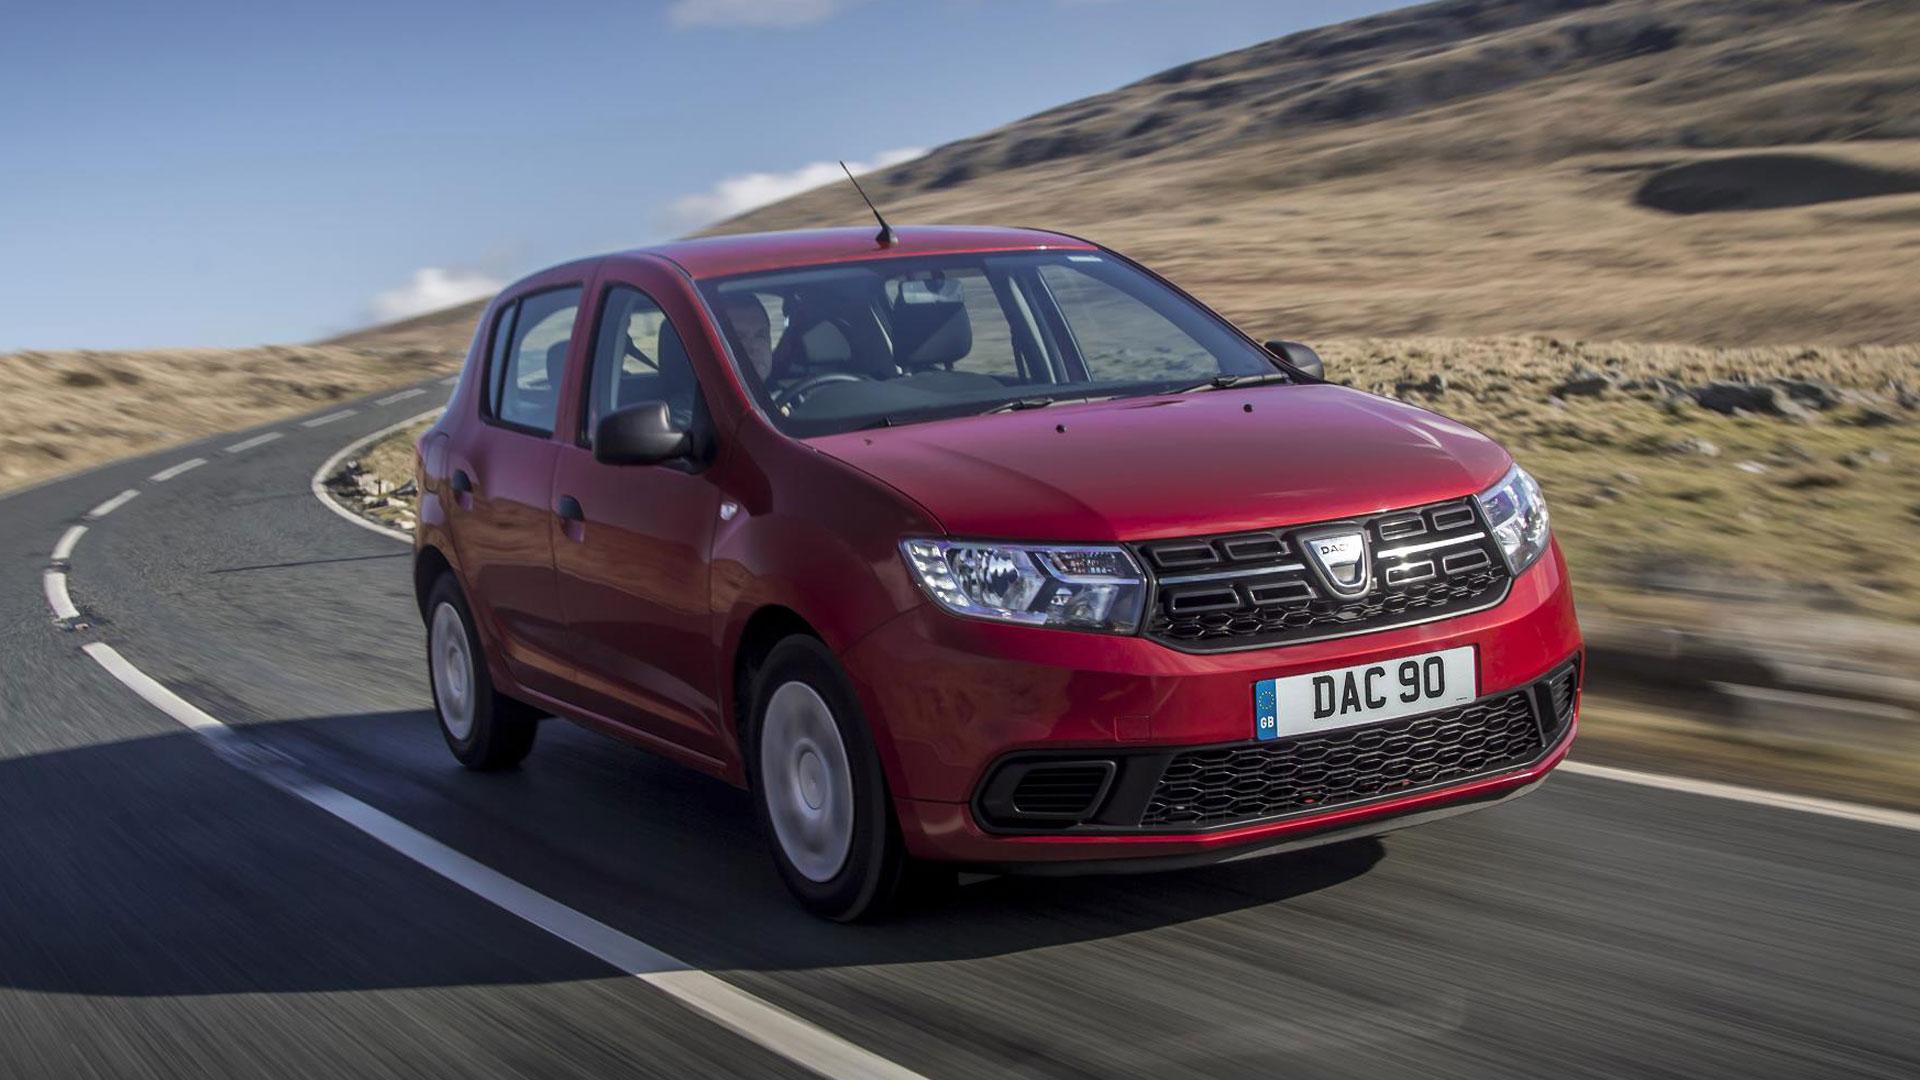 Dacia new car discounts